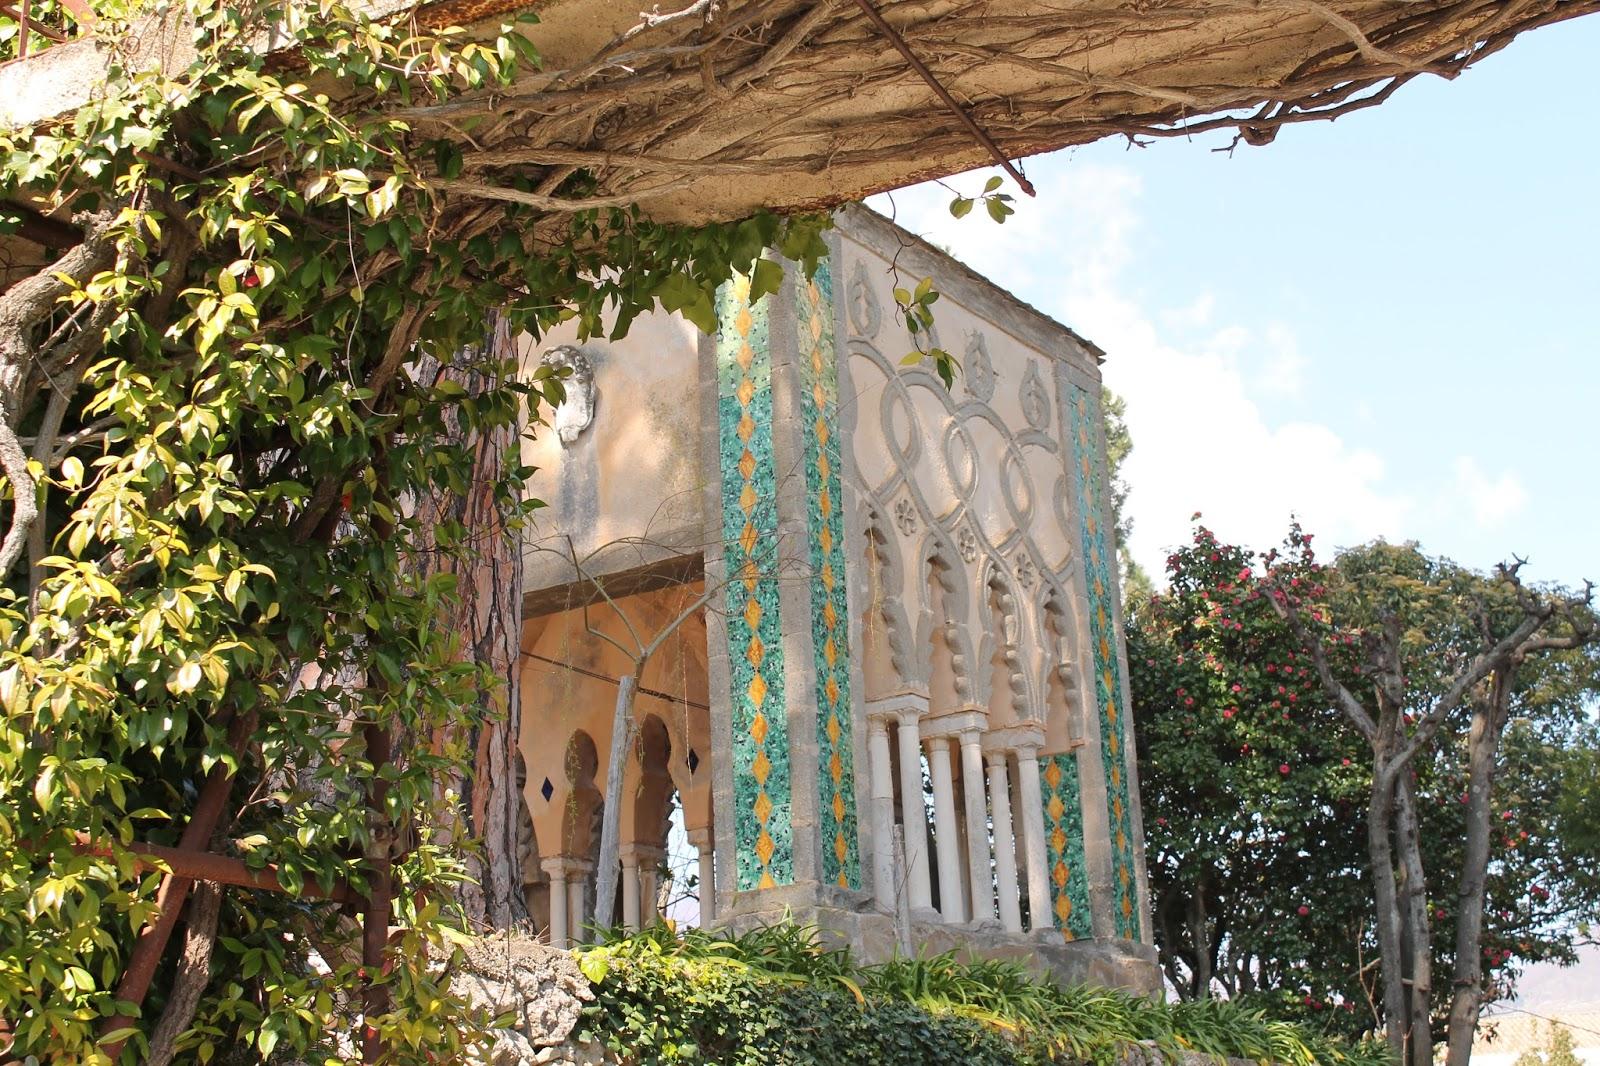 Undiarioperduesorelle i giardini di villa cimbrone i luoghi del cuore - Giardini di villa cimbrone ...